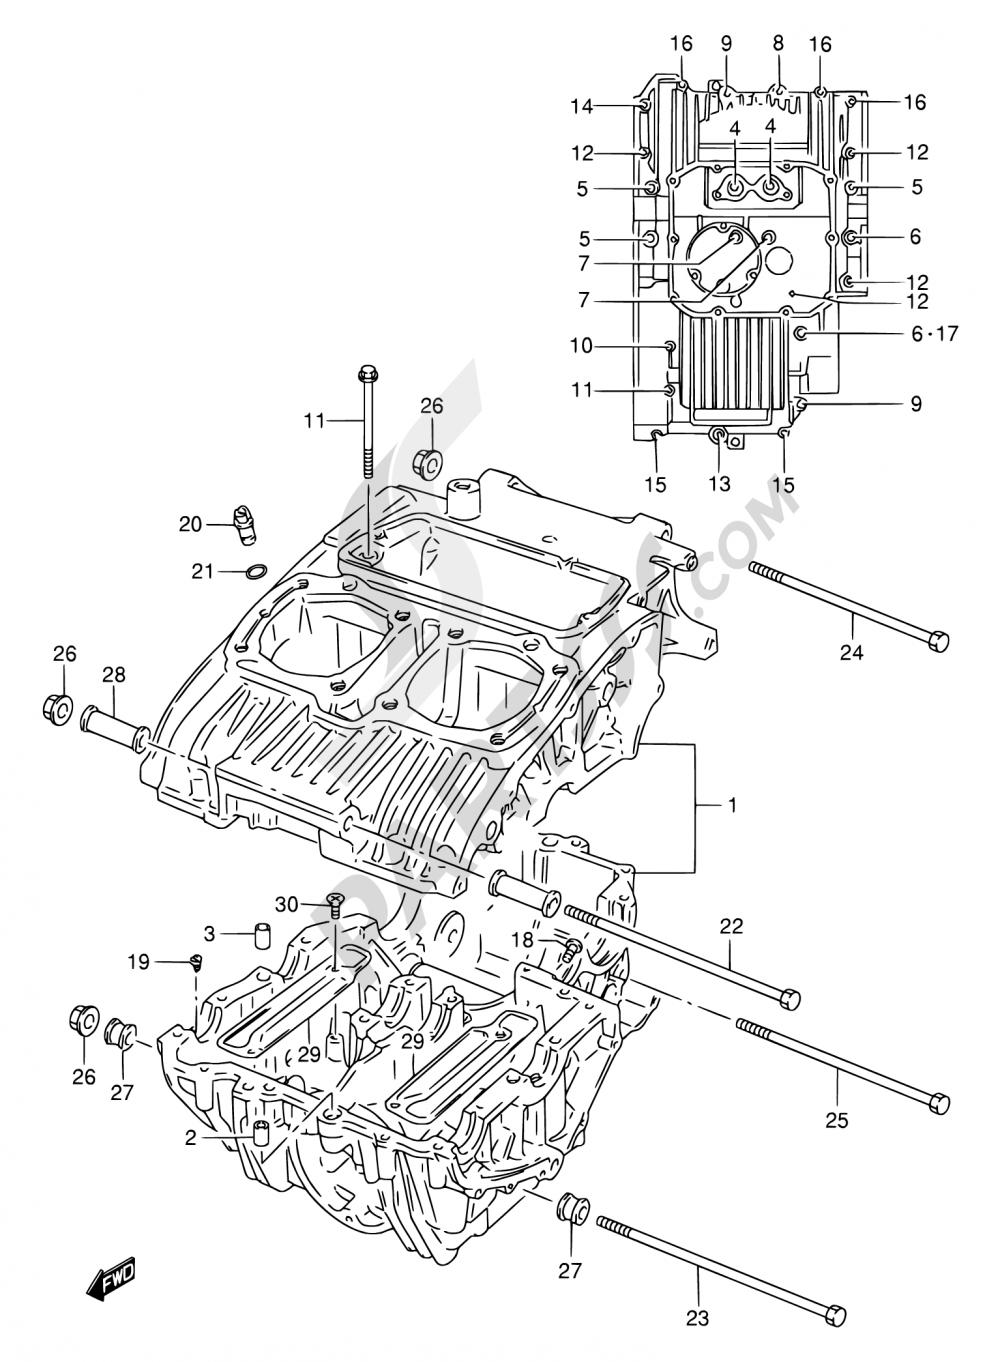 5 - CRANKCASE Suzuki GS500 2001